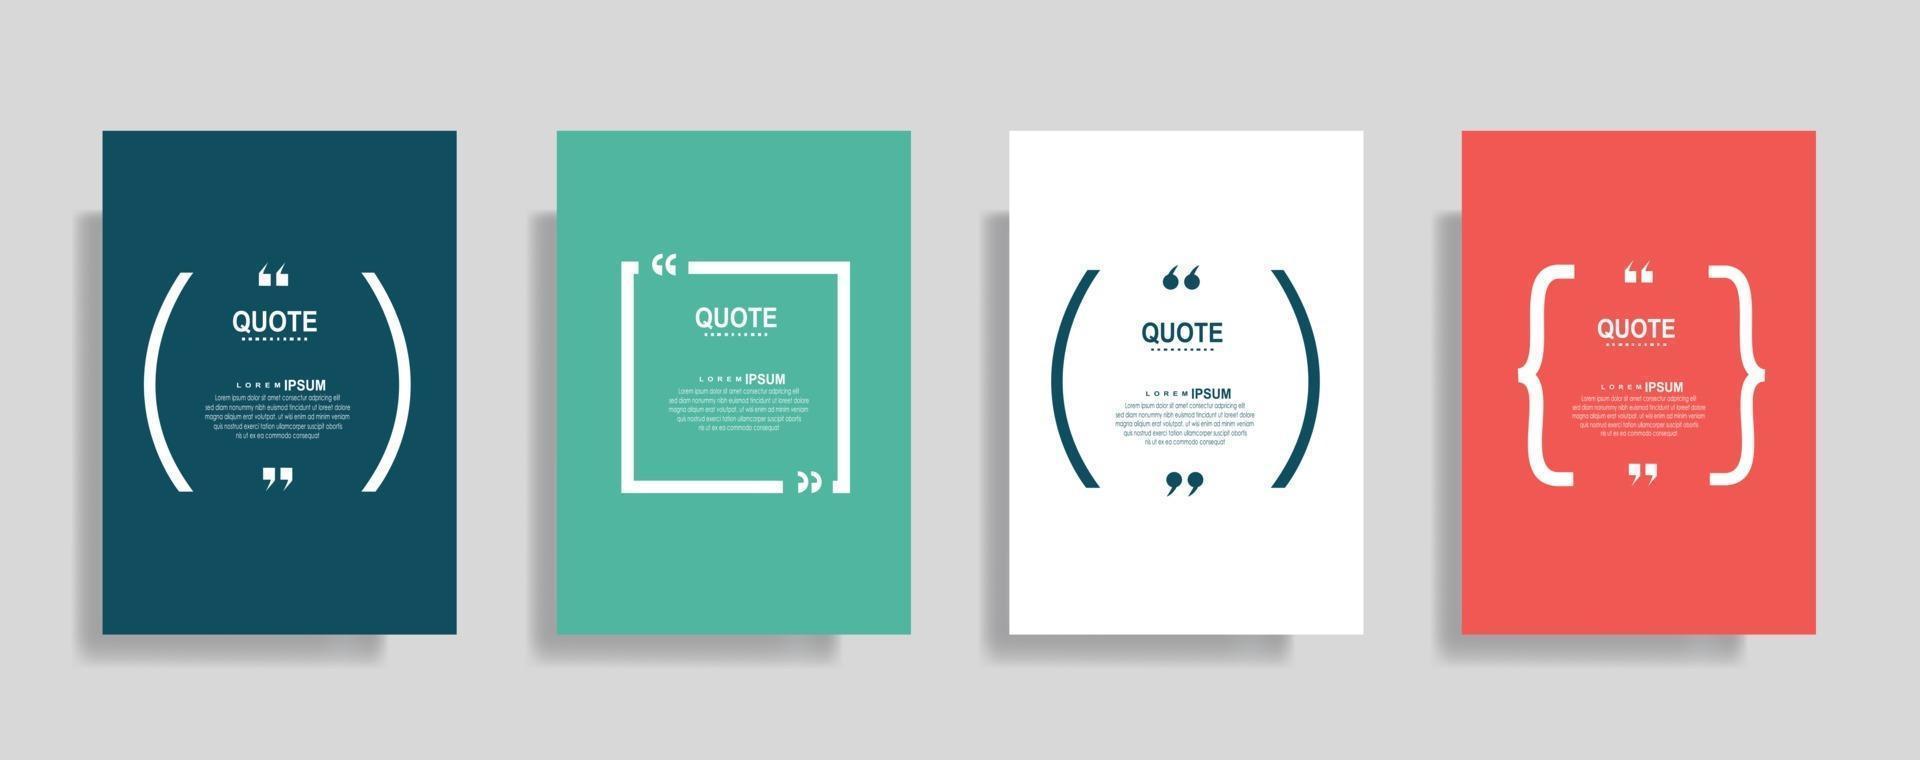 citazioni cornice modelli vuoti impostati. testo tra parentesi, citazione fumetti vuoti. casella di testo isolato su sfondo di colore vettore